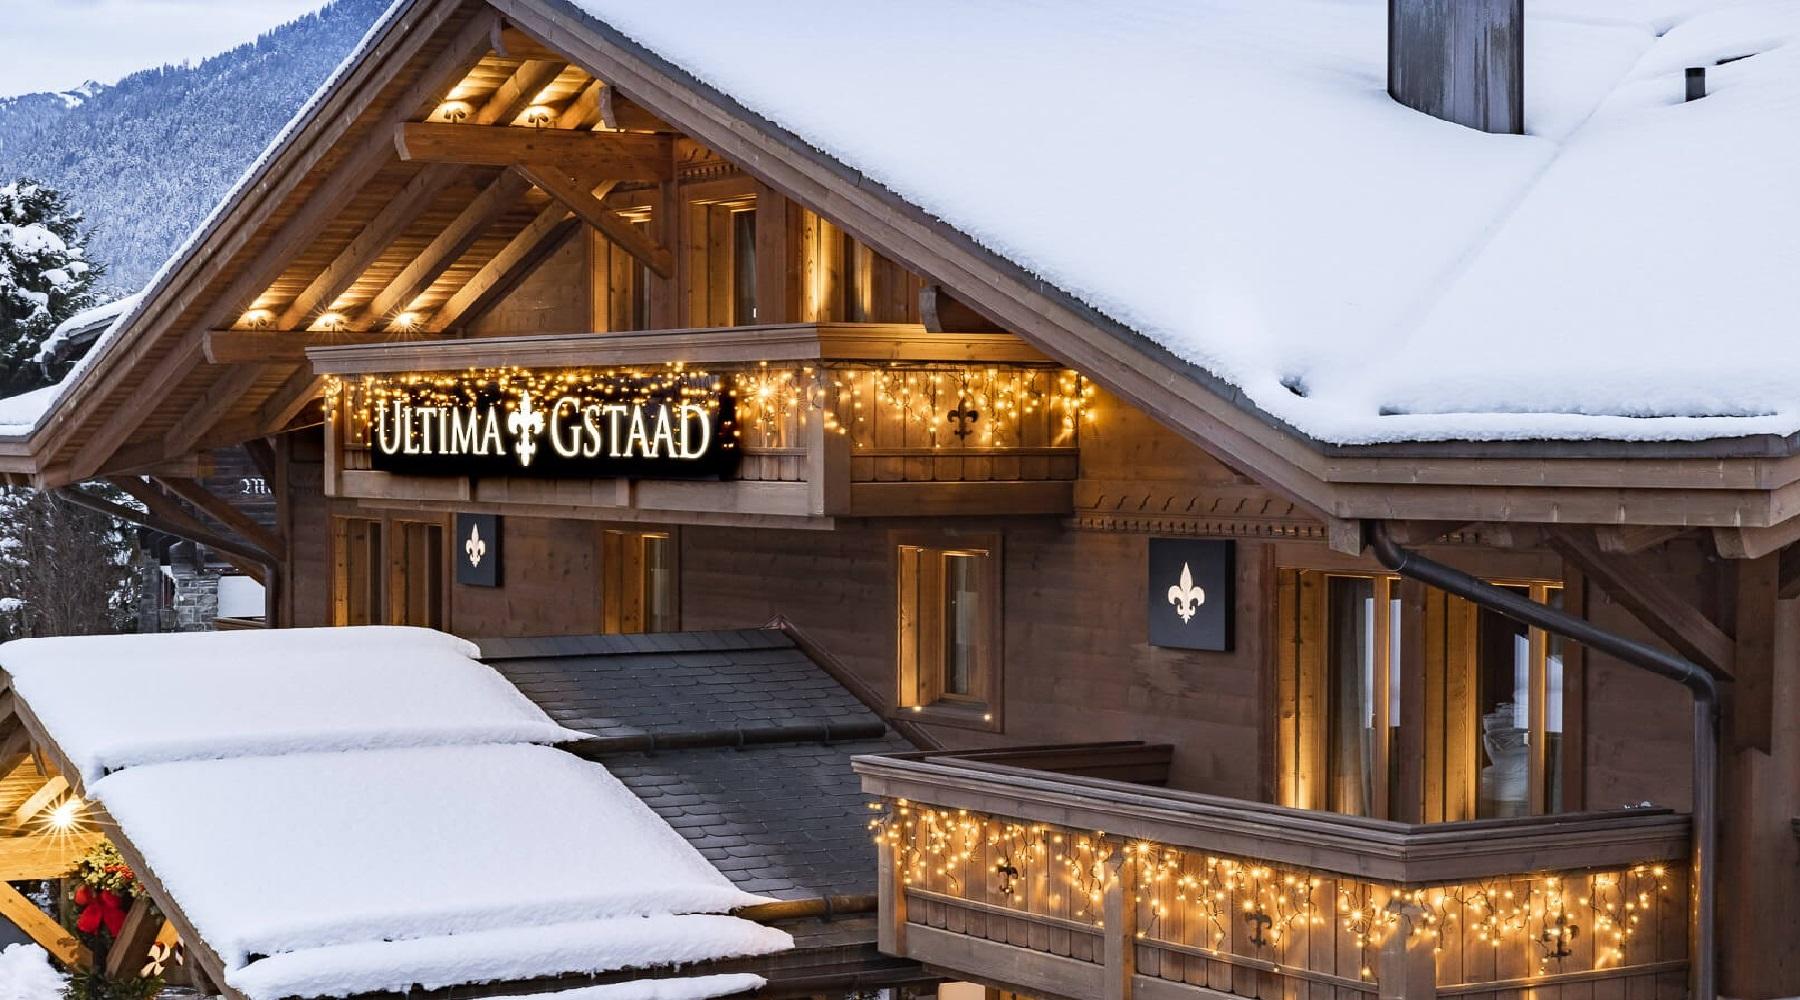 Ultima Gstaad, Szwajcaria